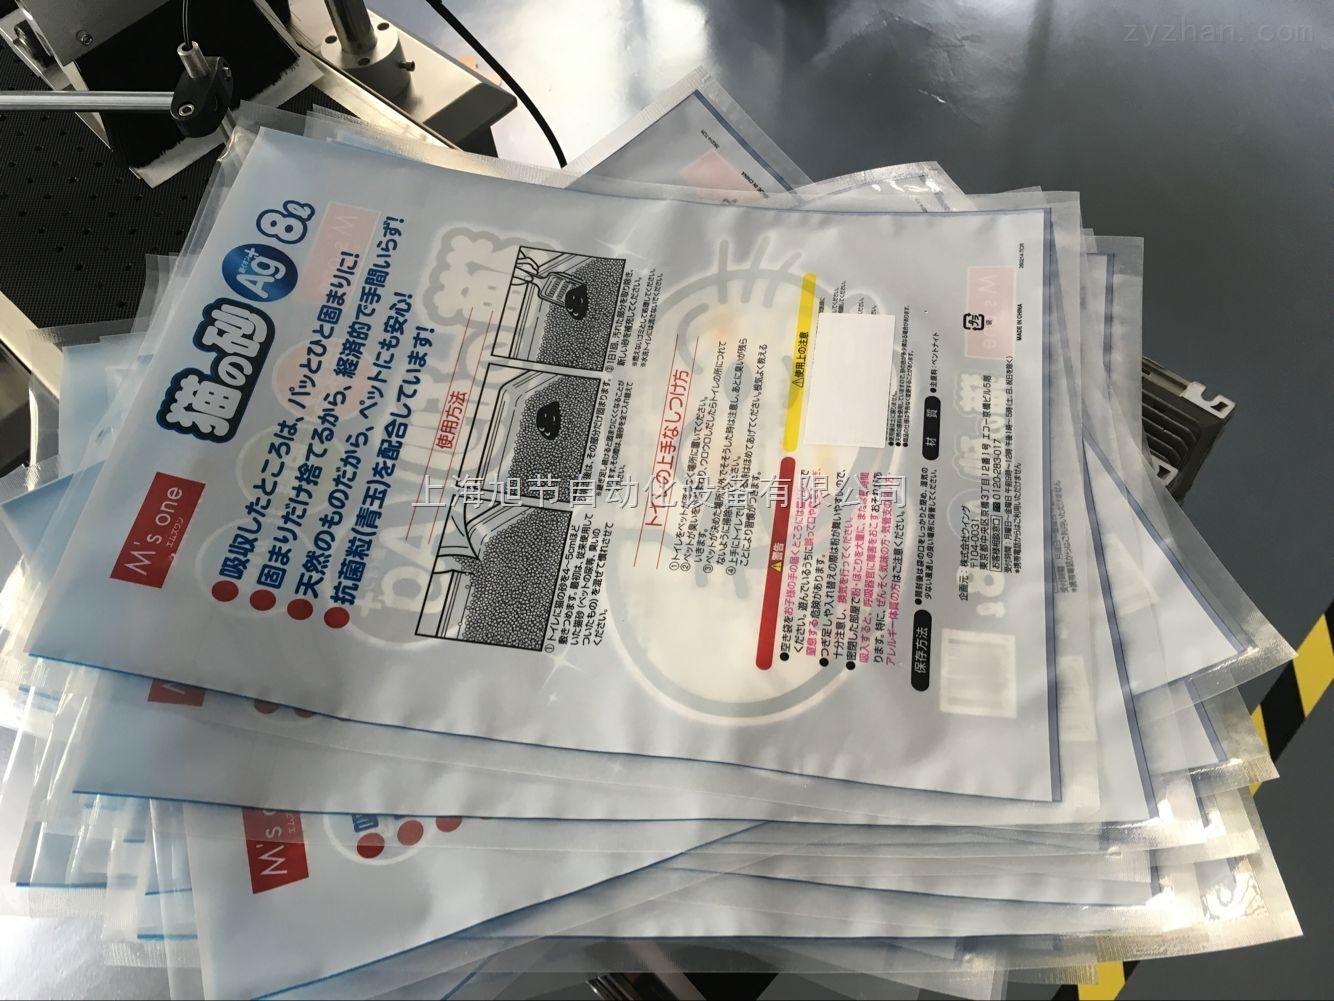 大型宠物包装袋盒贴标签机器 进出口宠物粮食包装袋盒贴商标机